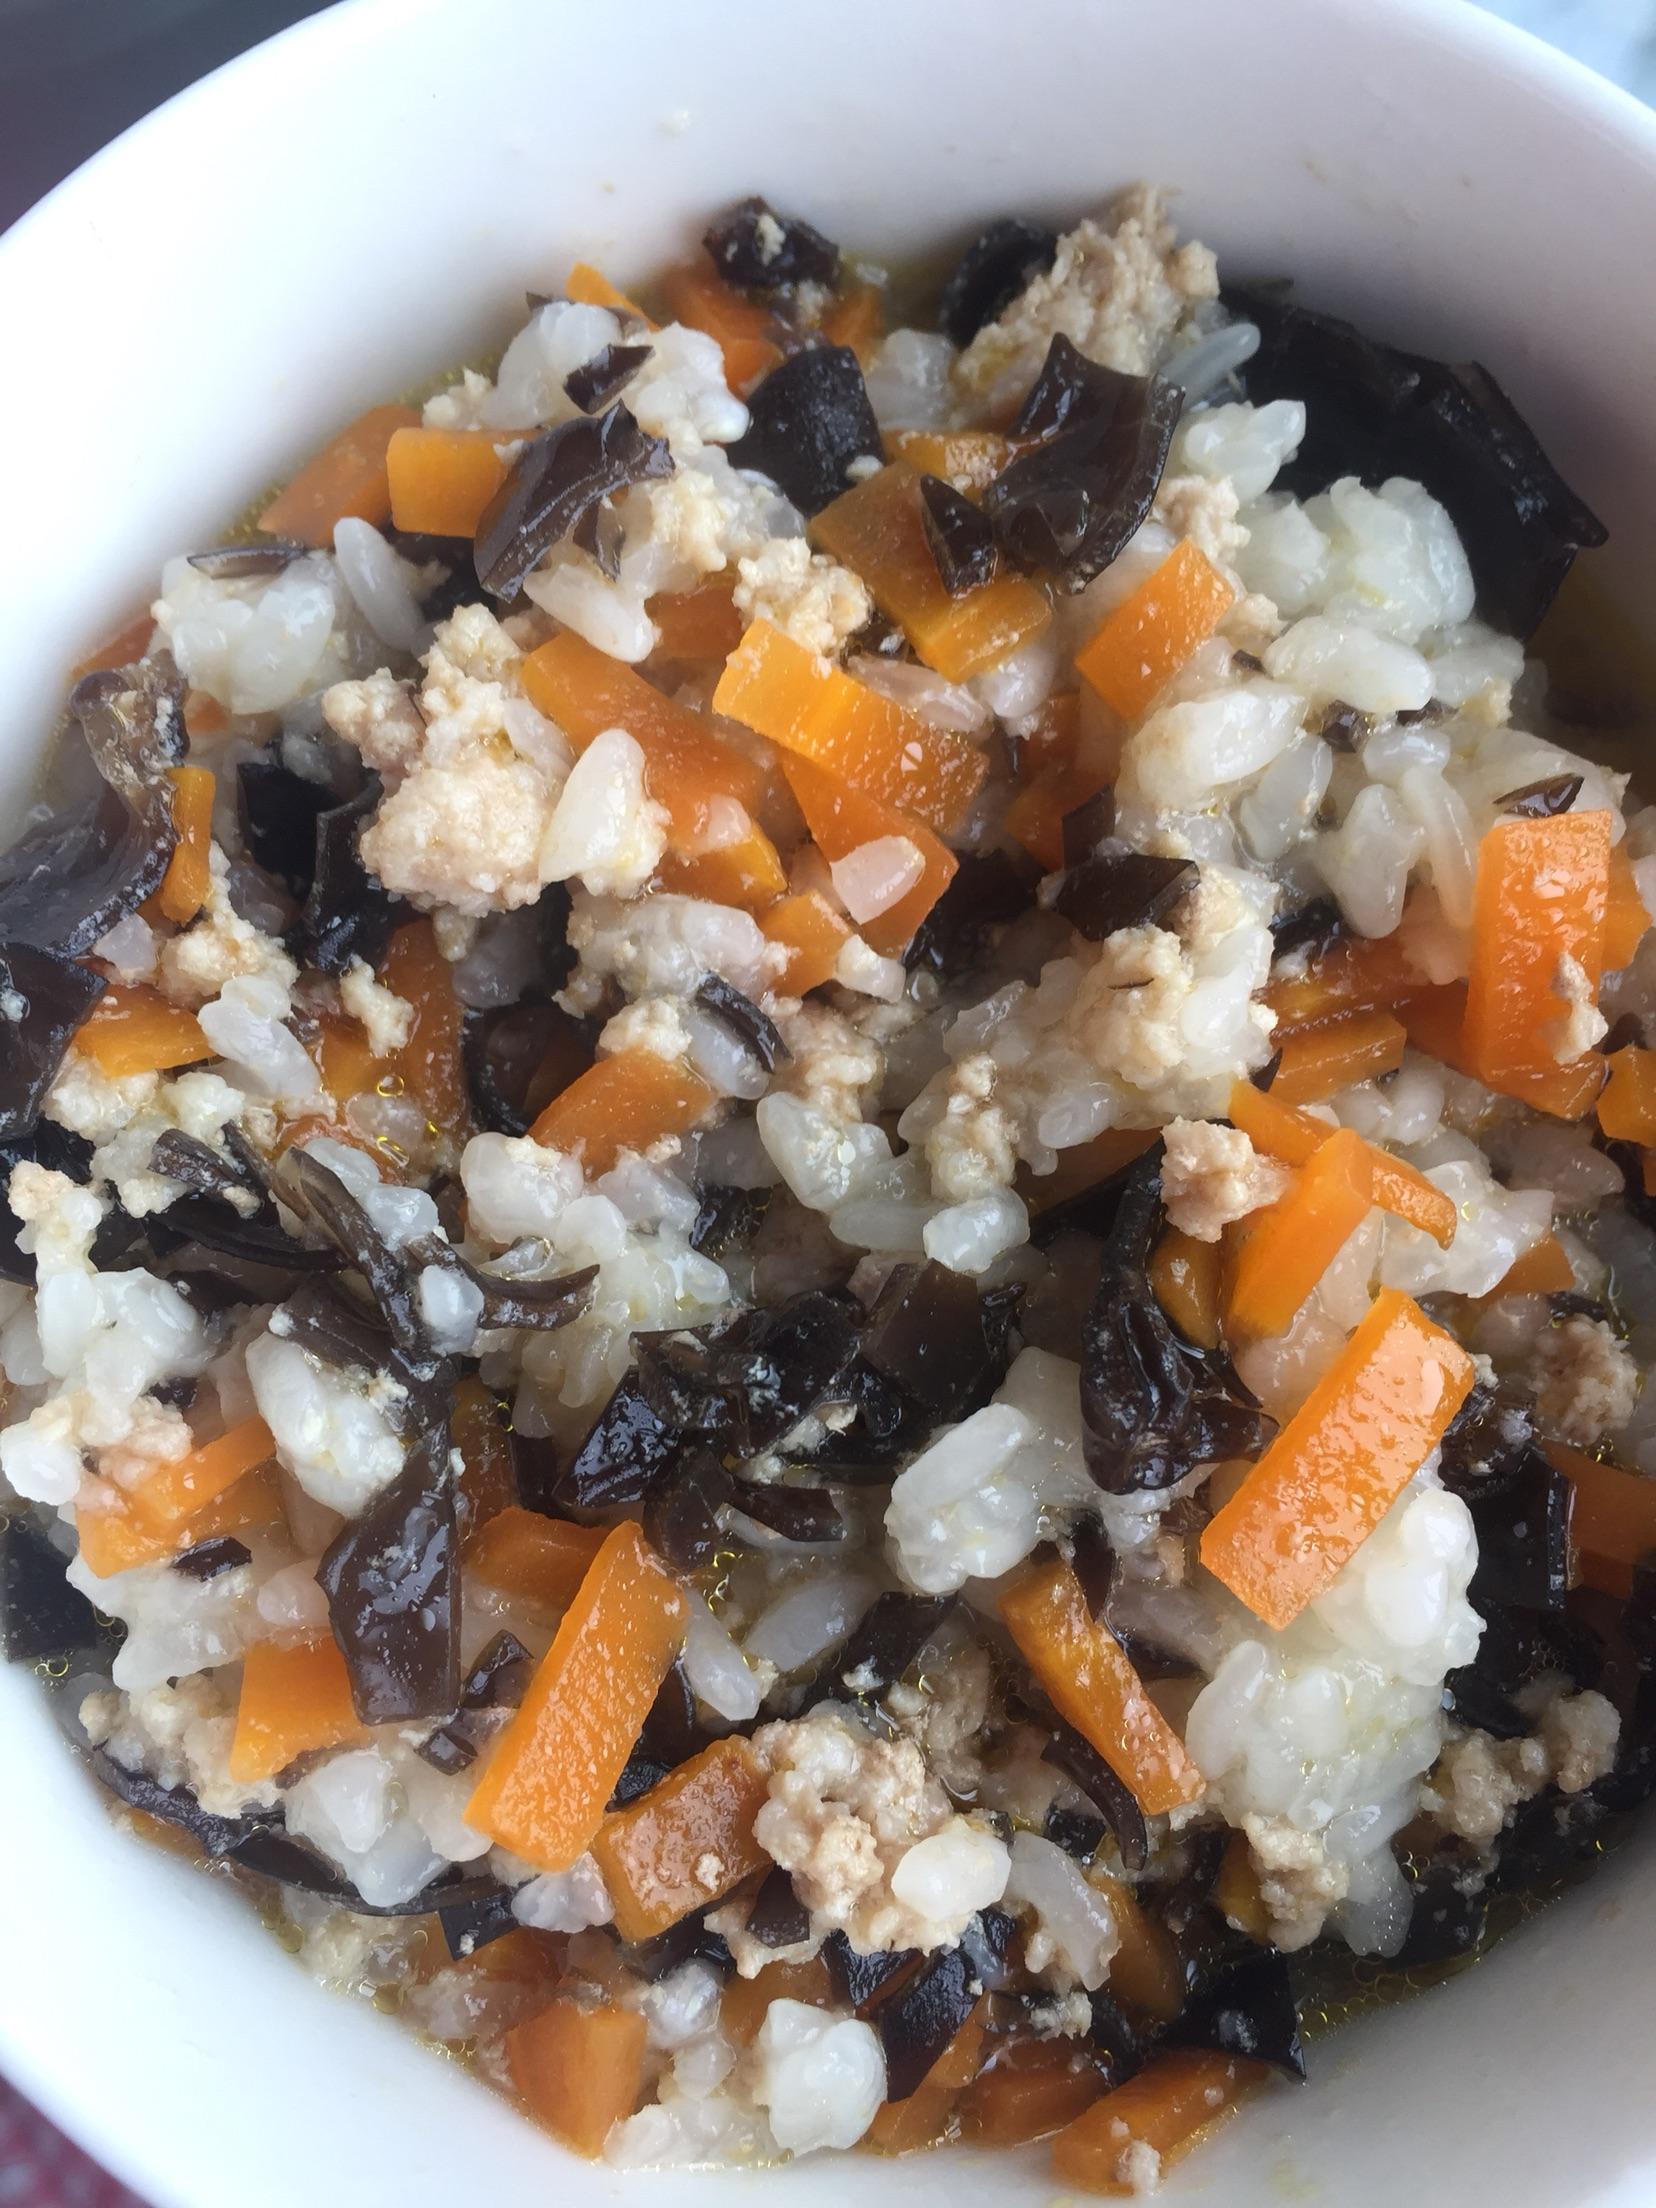 糯米饭的做法_【图解】糯米饭怎么做如何做好吃_糯米